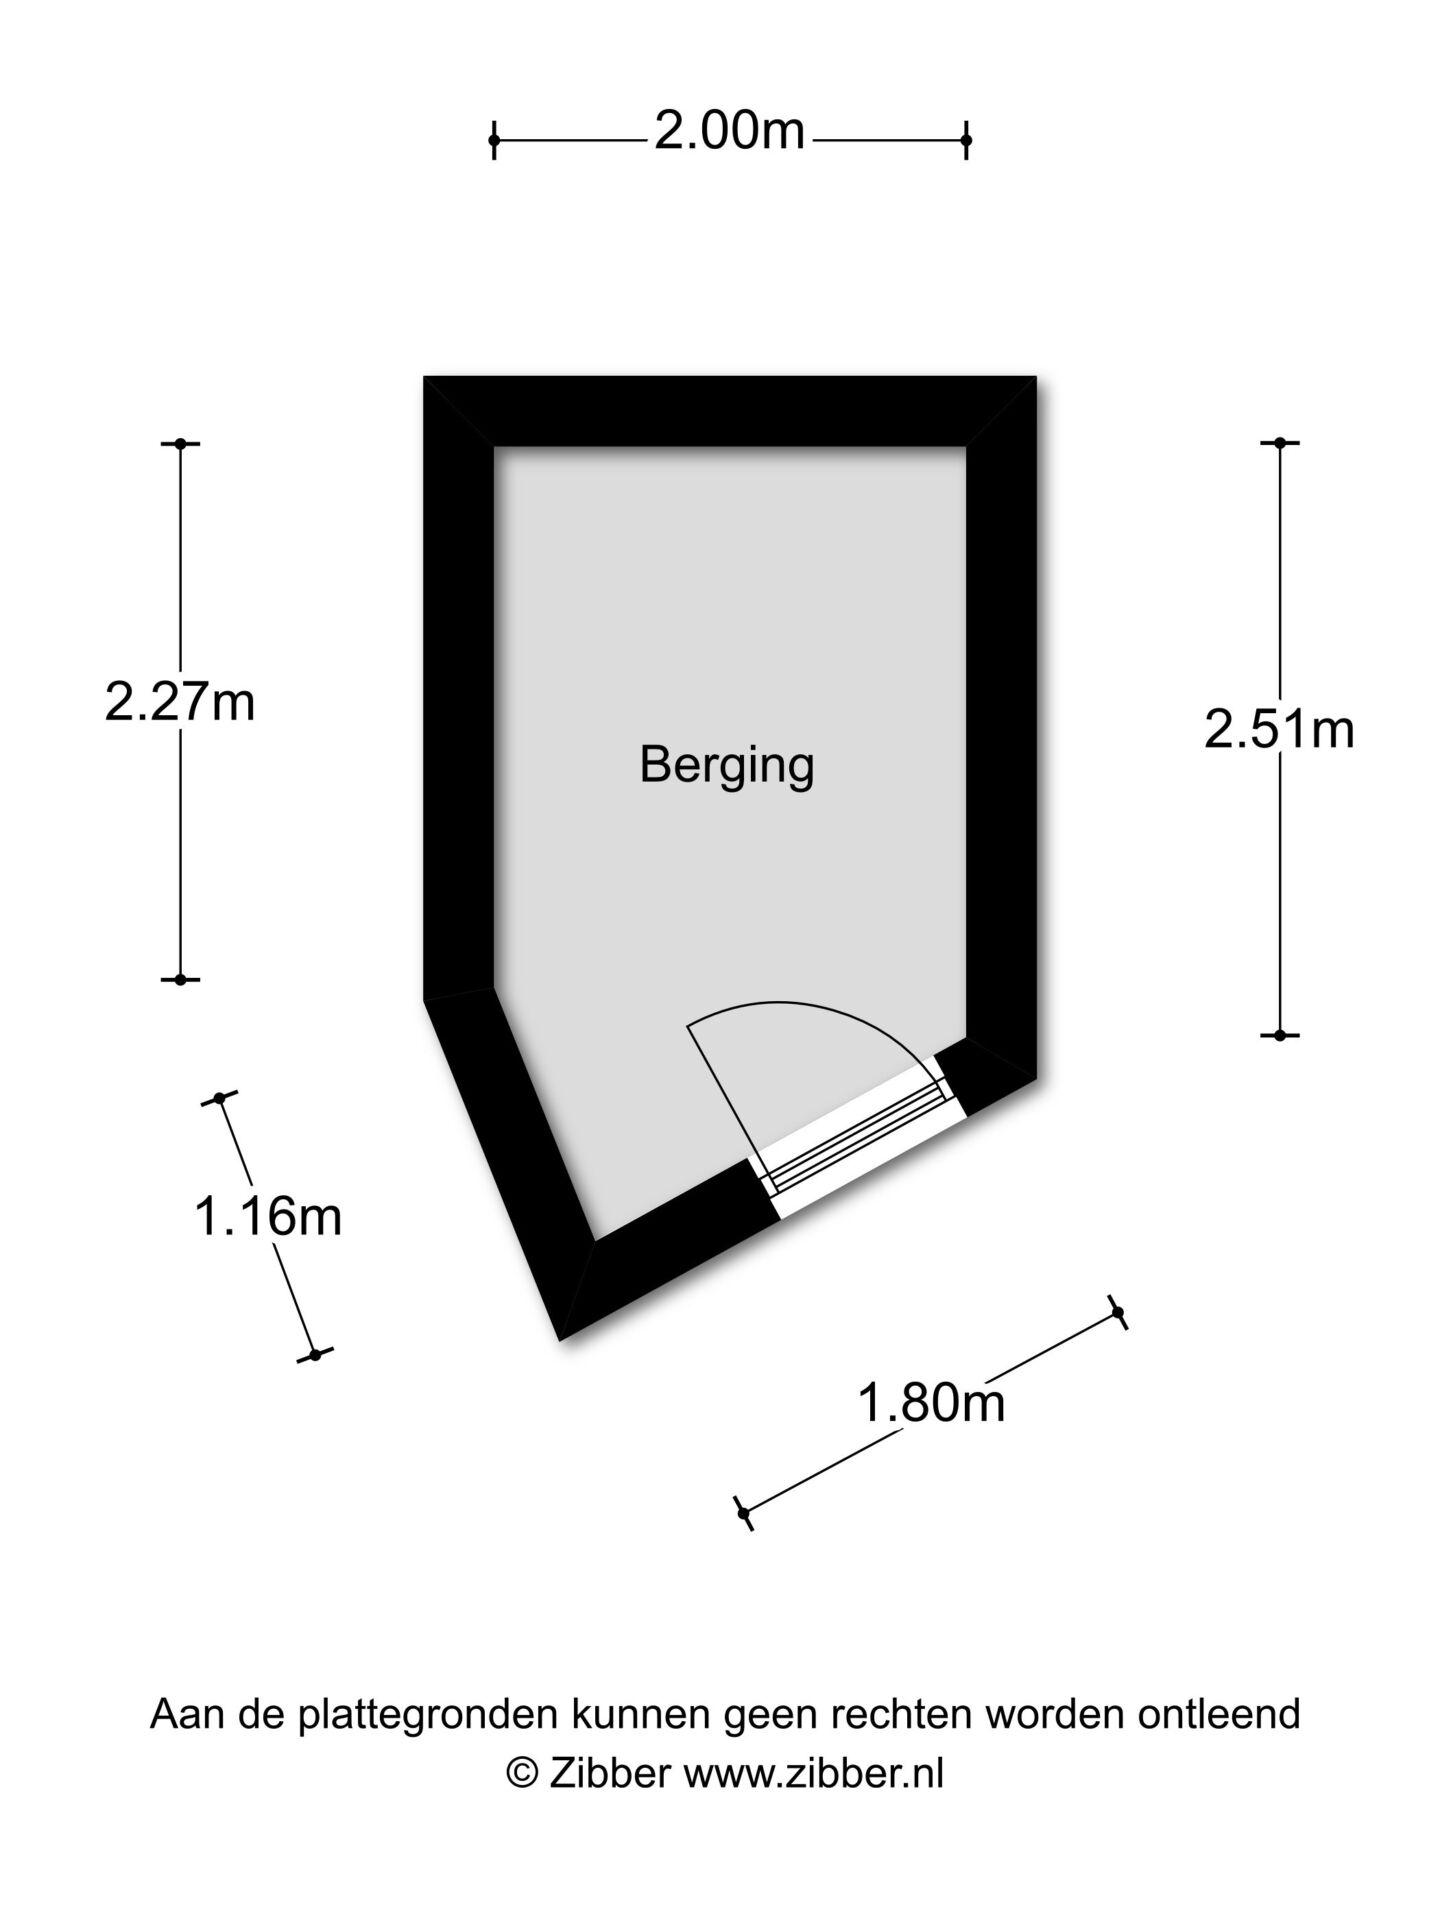 7261-rongelstraat_19-steenbergen-3619498751